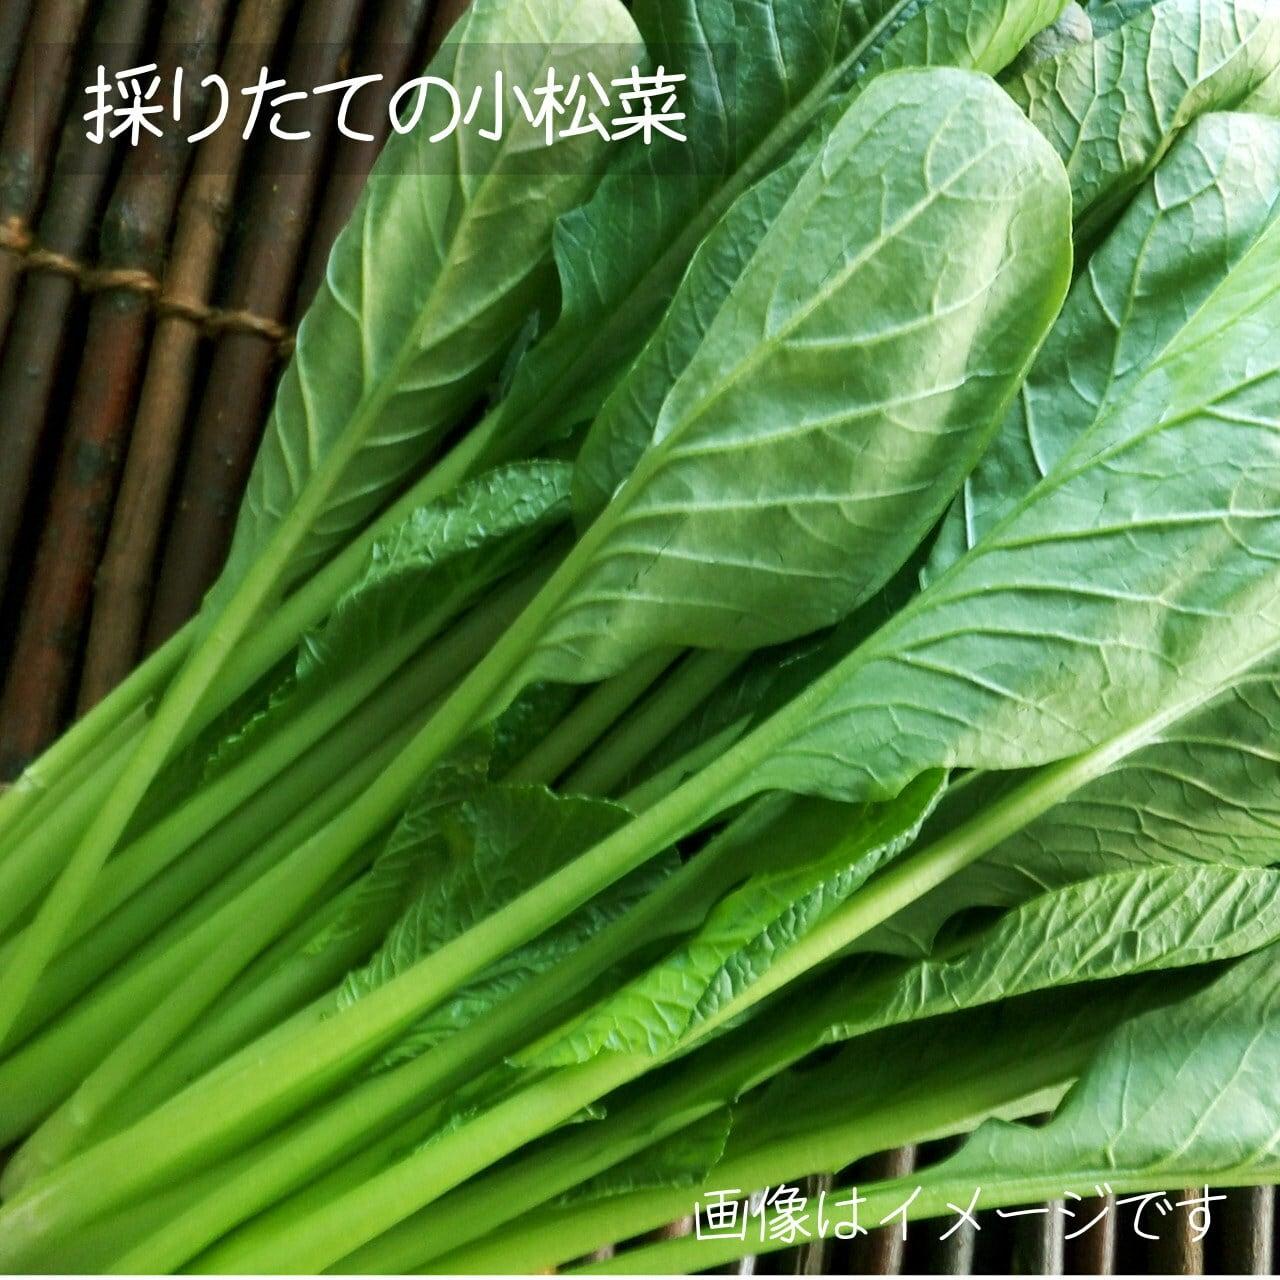 新鮮な夏野菜 : 小松菜 約200g 8月の朝採り直売野菜  8月29日発送予定